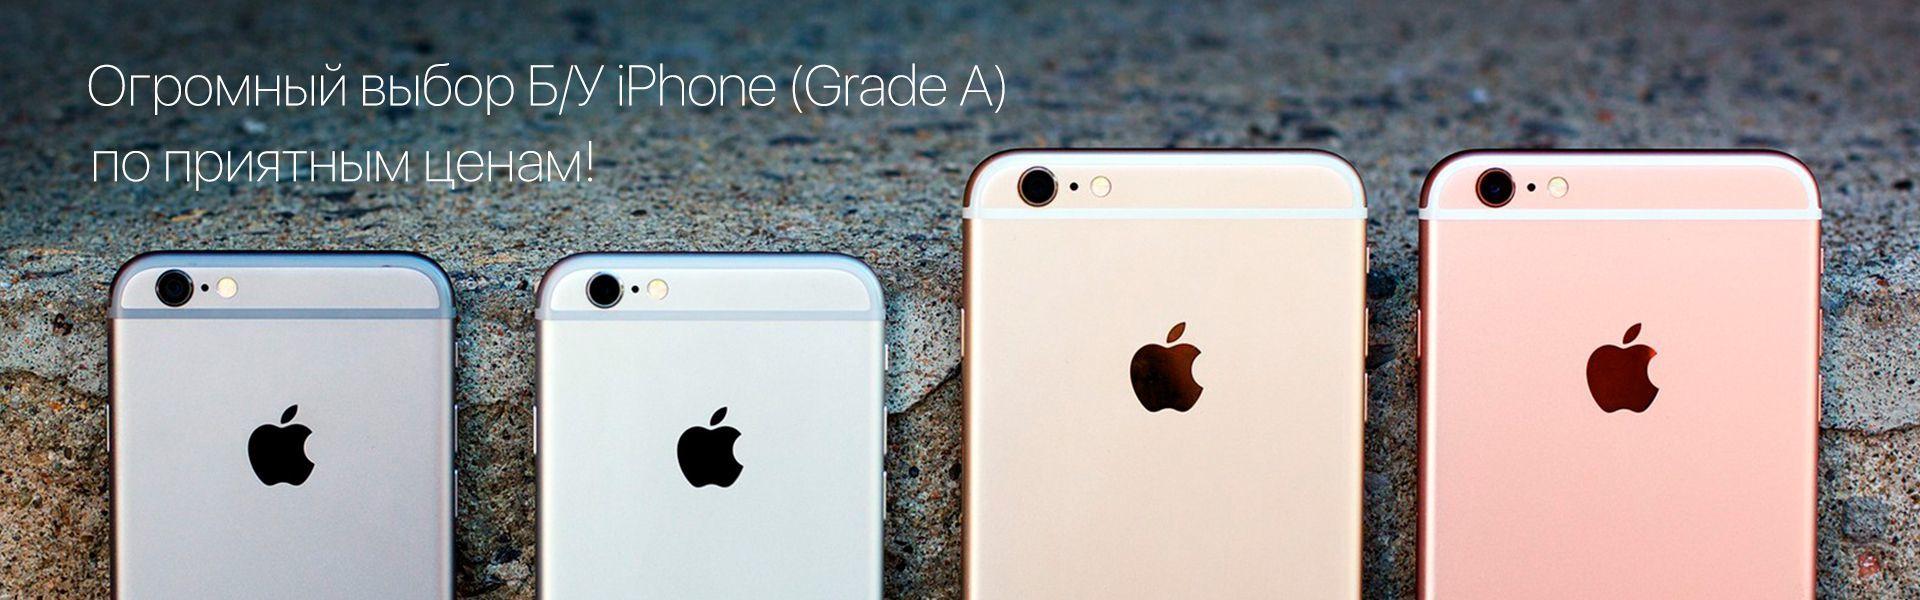 iphone_bu_grade_a